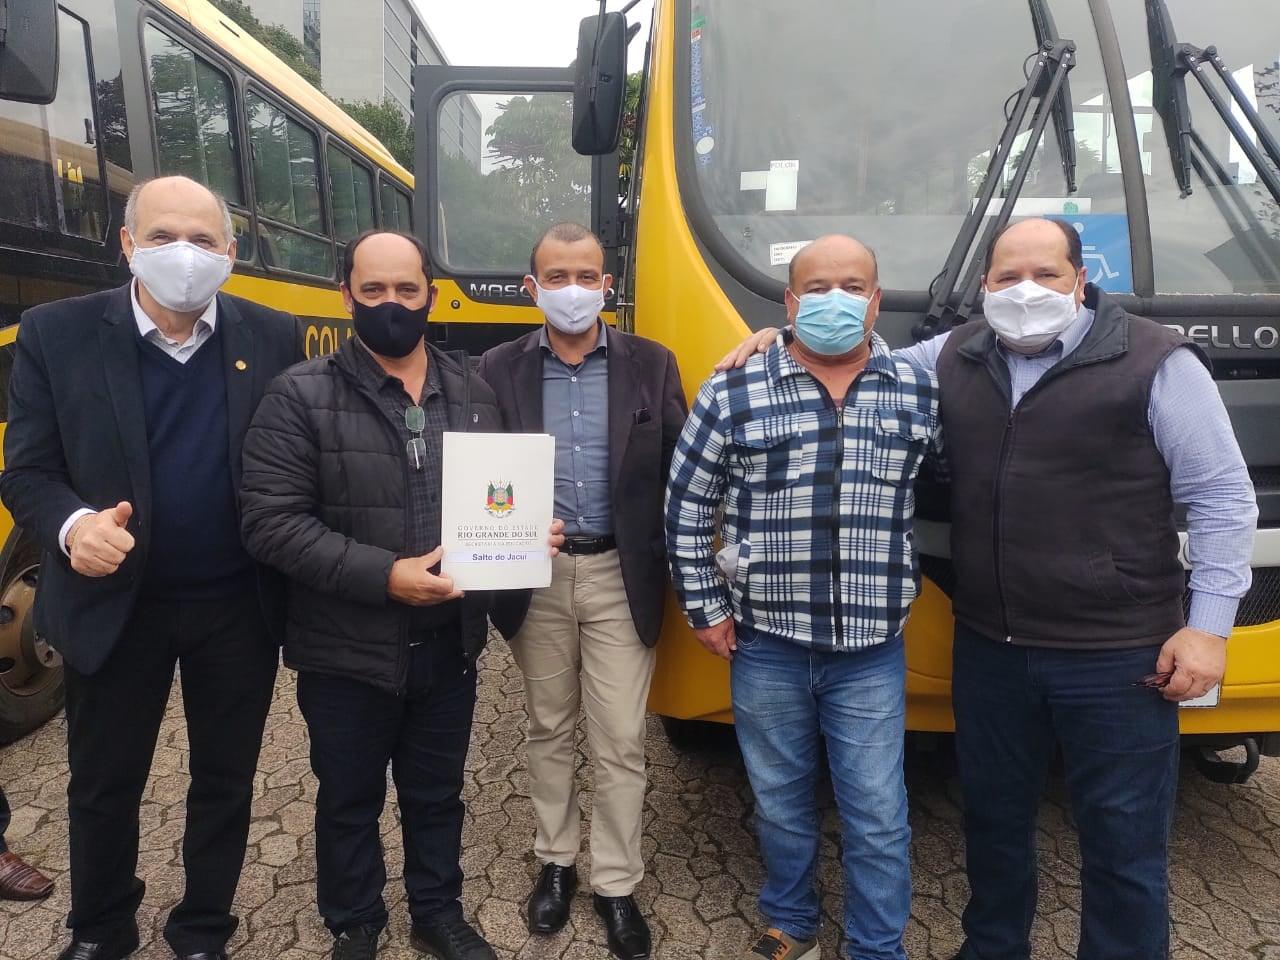 Salto do Jacuí recebe ônibus novo para o transporte escolar